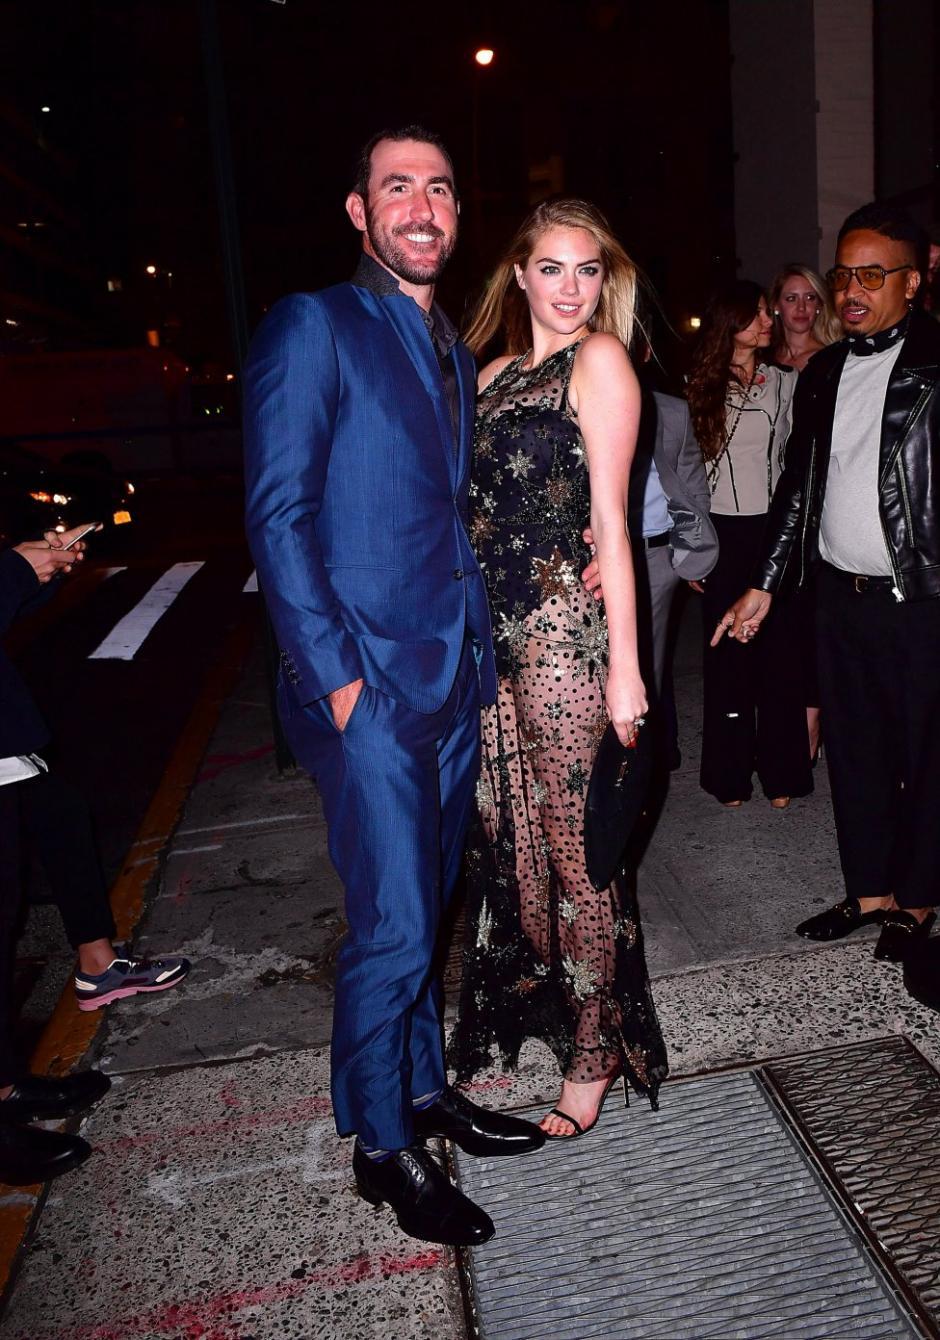 Kate y Justin se divirtieron junto a otros amigos en Nueva York. (Foto: as.com)